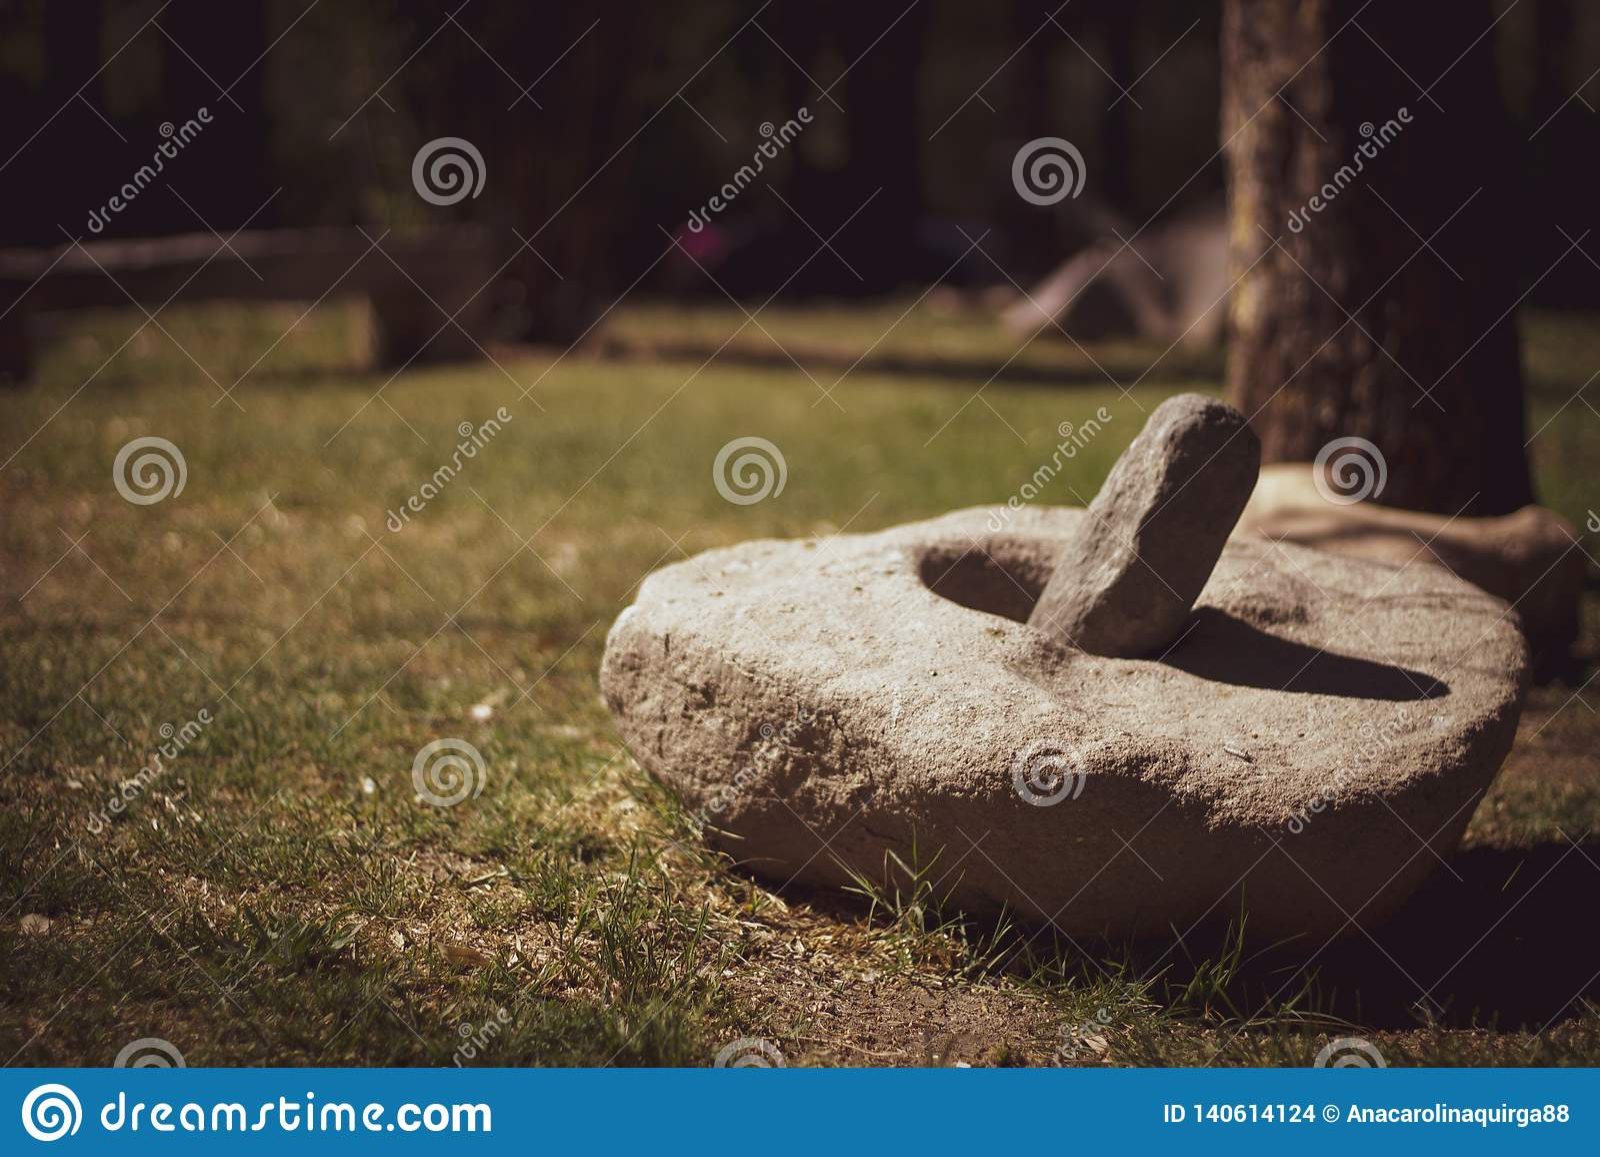 El mortero de piedra es una herramienta para machacar las hierbas, las flores, las especias, las hojas, las raíces y otras comida